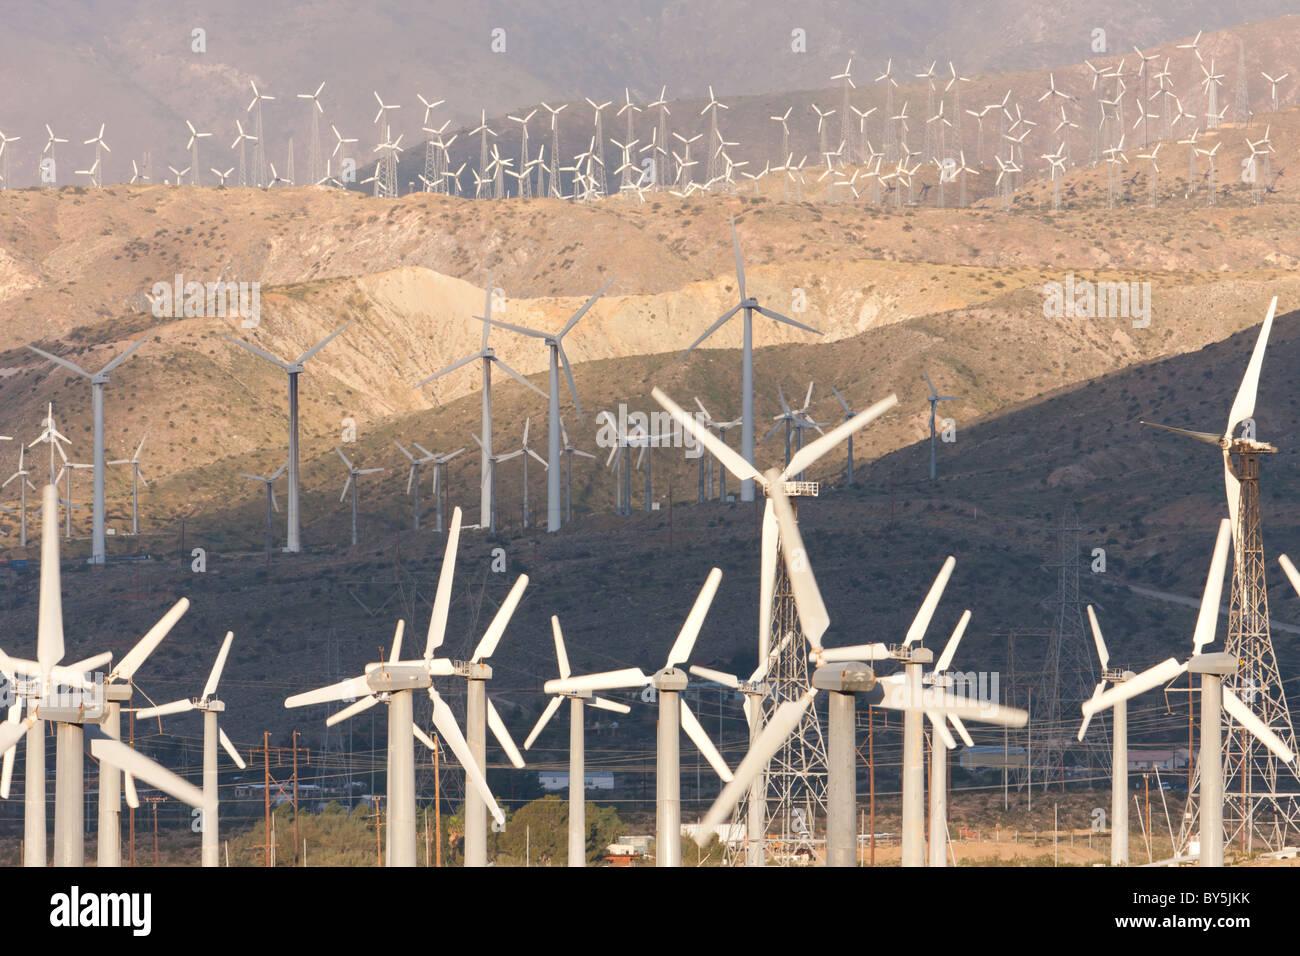 Windkraftanlagen zur Stromerzeugung auf dem San Gorgonio Pass Wind Farm mit Palm Springs, Kalifornien. Stockbild